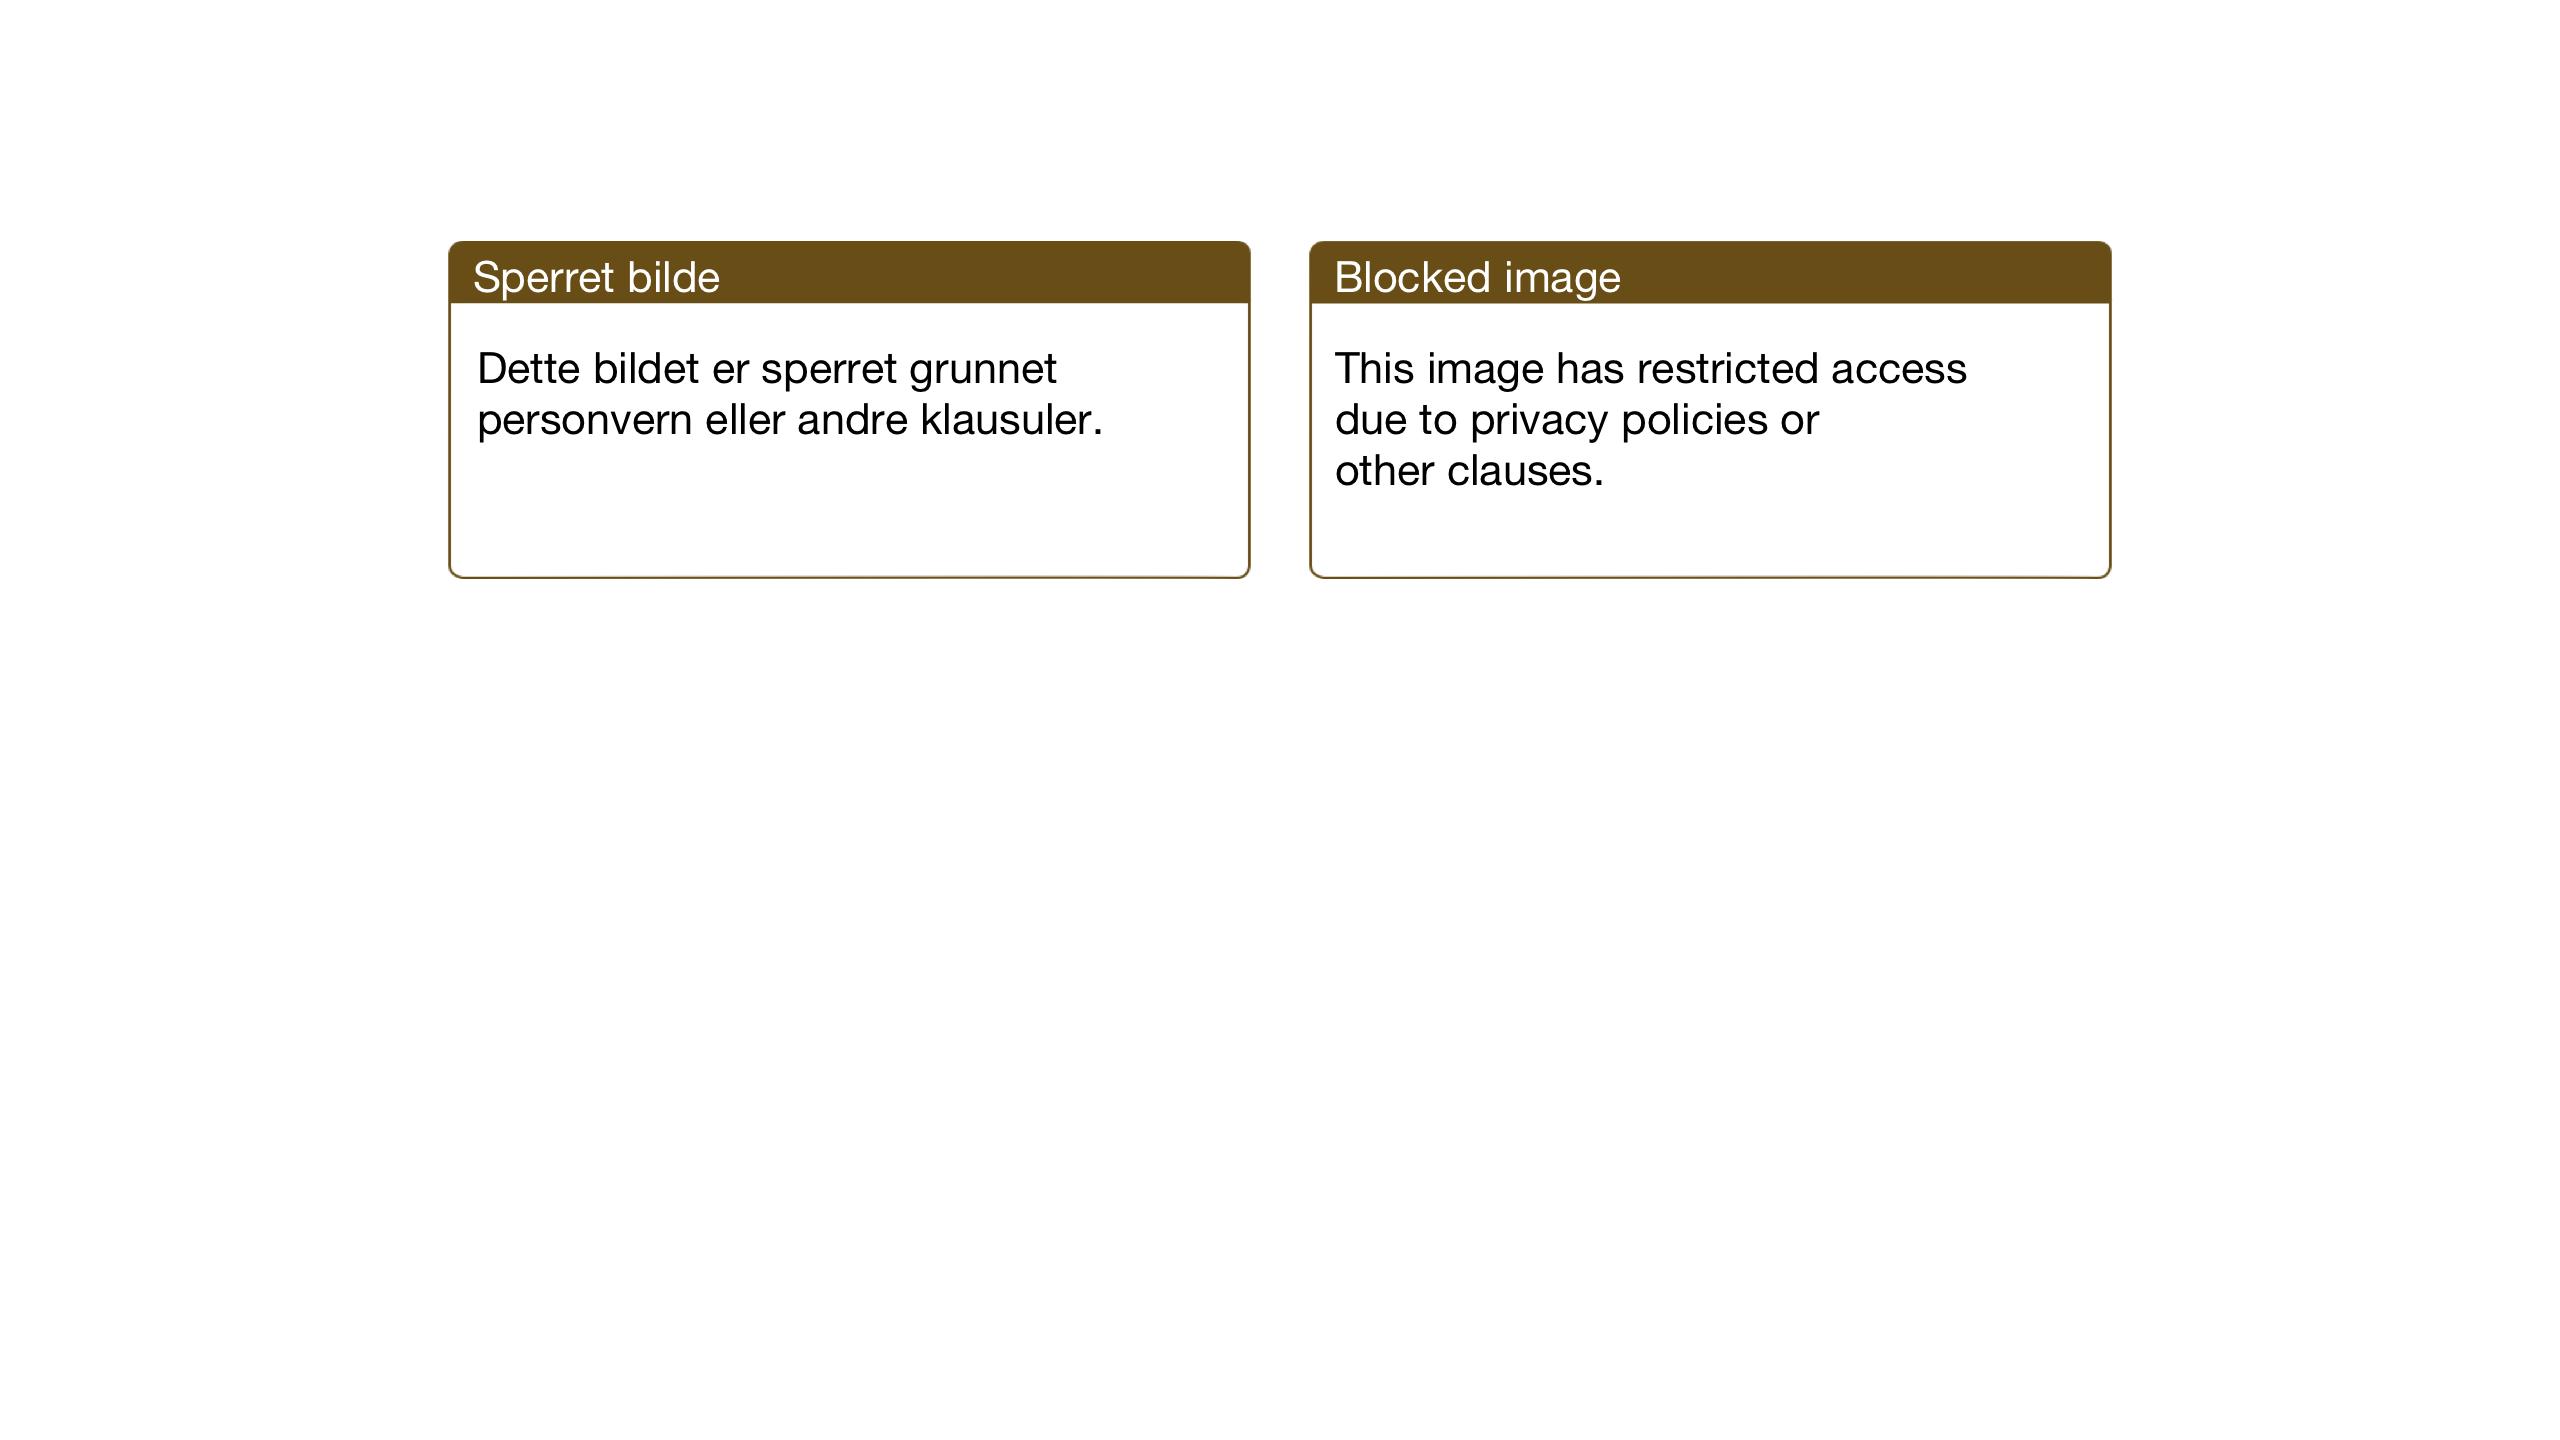 SAT, Ministerialprotokoller, klokkerbøker og fødselsregistre - Sør-Trøndelag, 607/L0327: Klokkerbok nr. 607C01, 1930-1939, s. 46